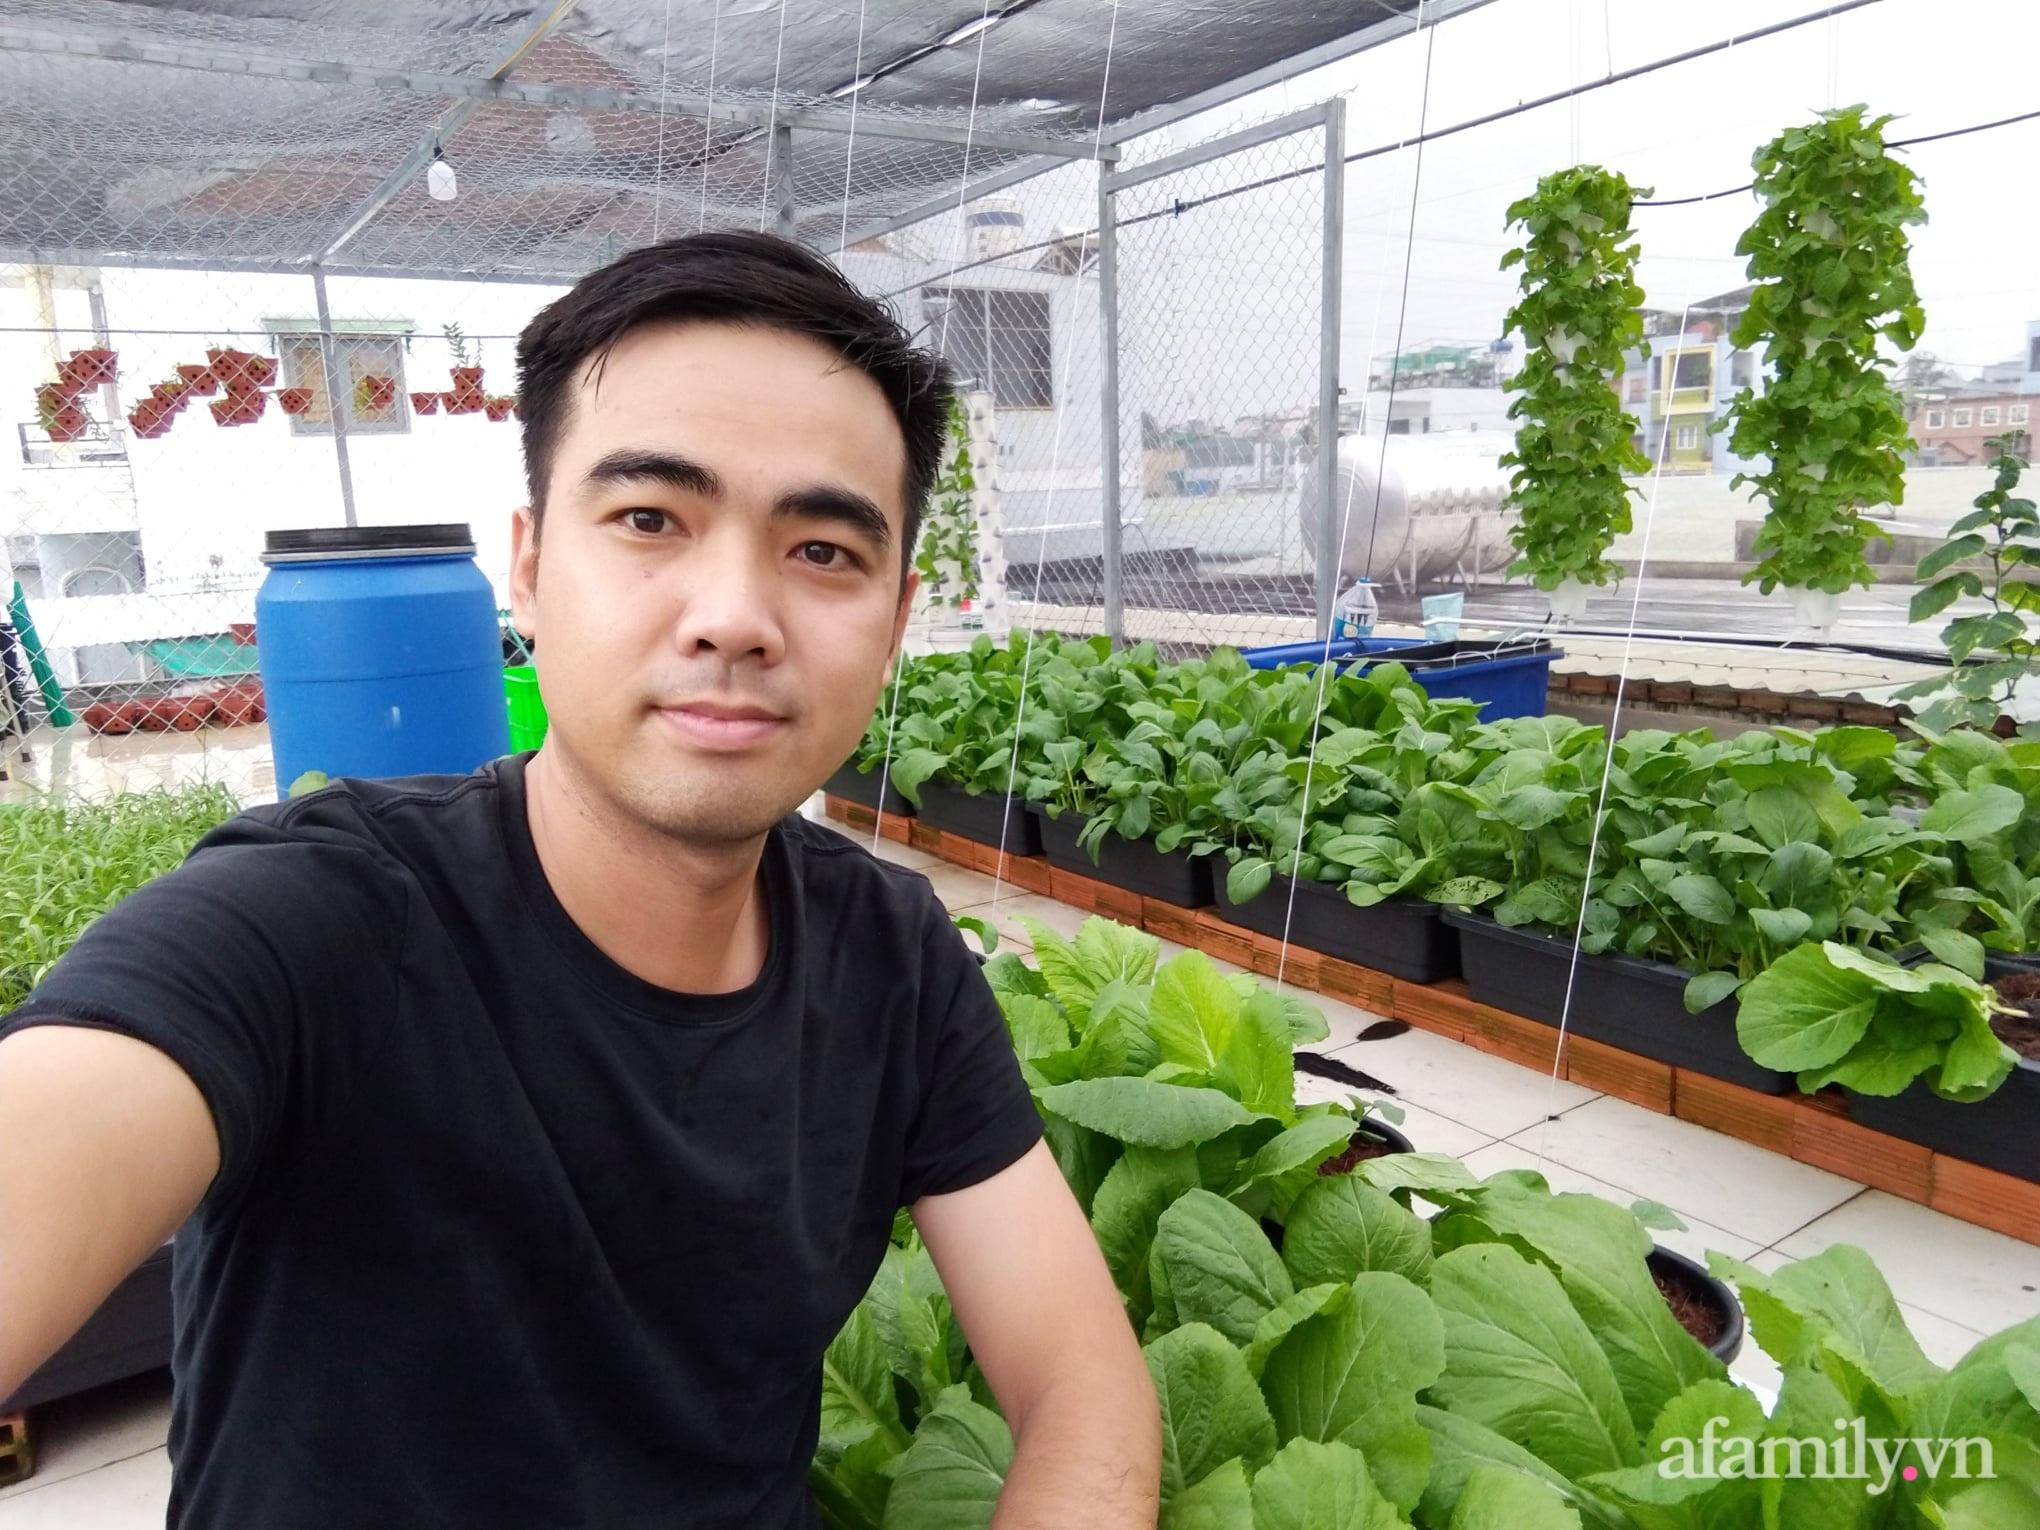 Sân thượng 100m² trồng rau nuôi cá với tổng chi phí đầu tư 80 triệu đồng ở quận 12 Sài Gòn - Ảnh 1.